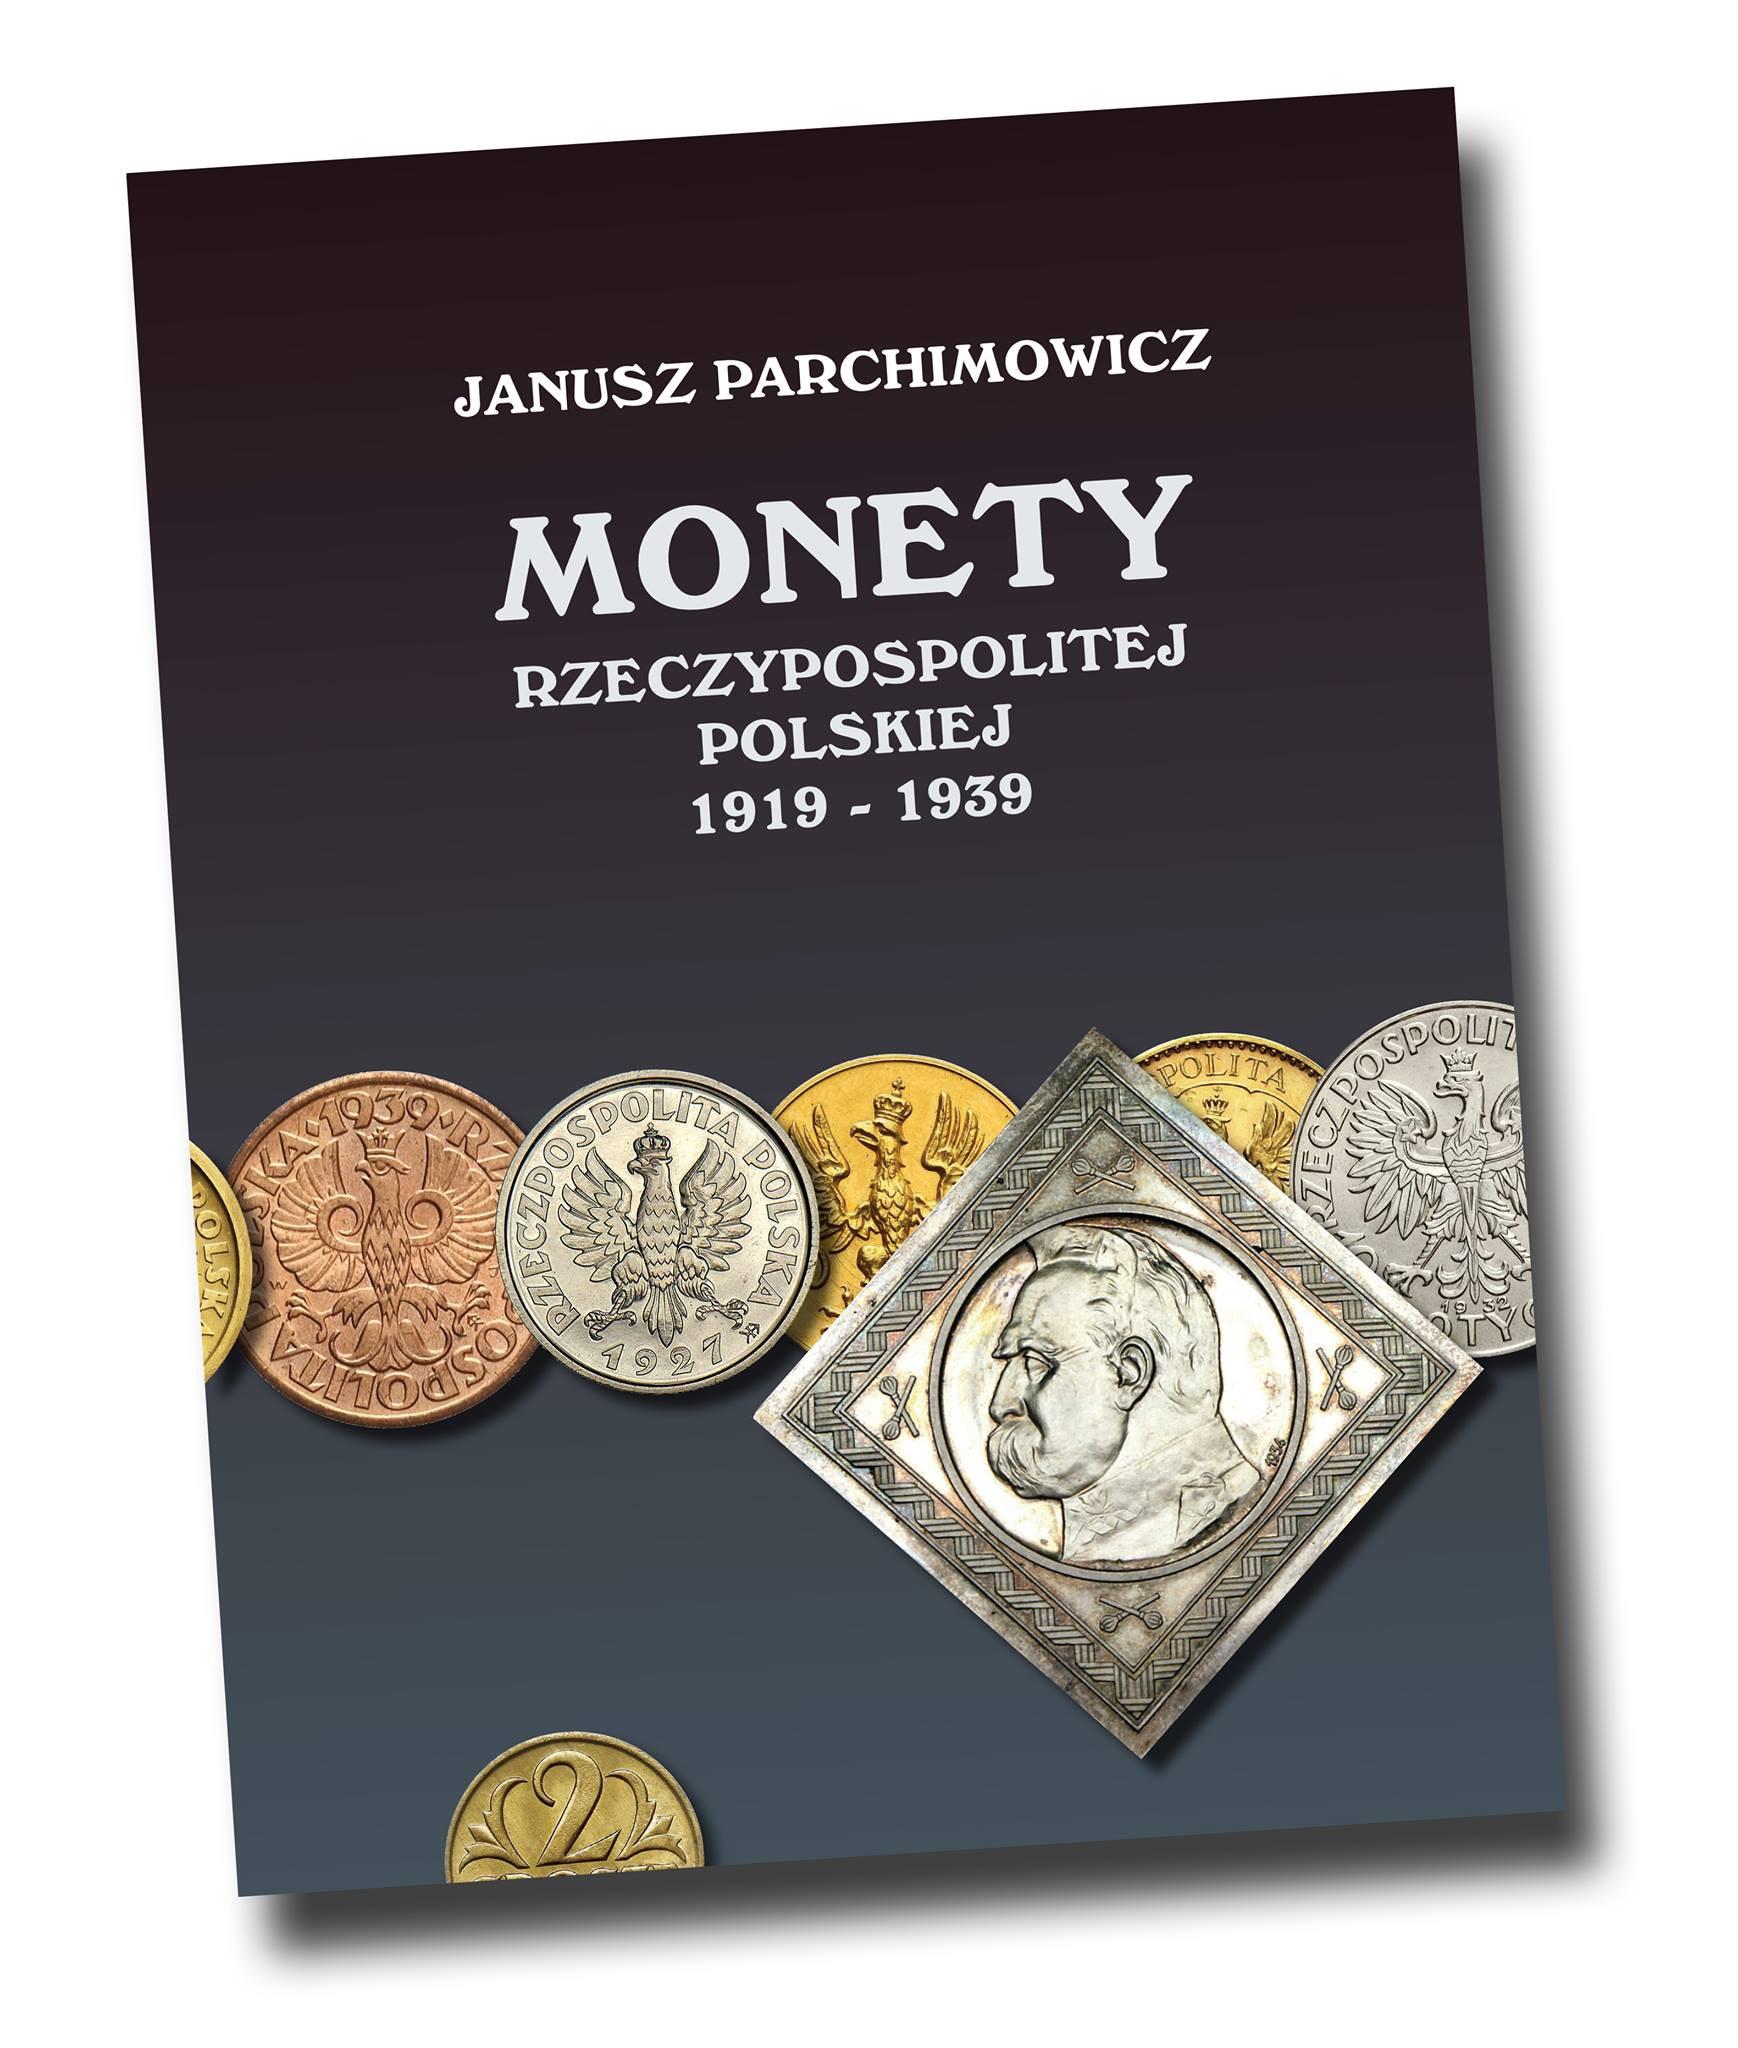 Monety Rzeczpospolitej Polskiej 1919-1939 wydanie 2 - J. Parchimowicz | 2021 rok